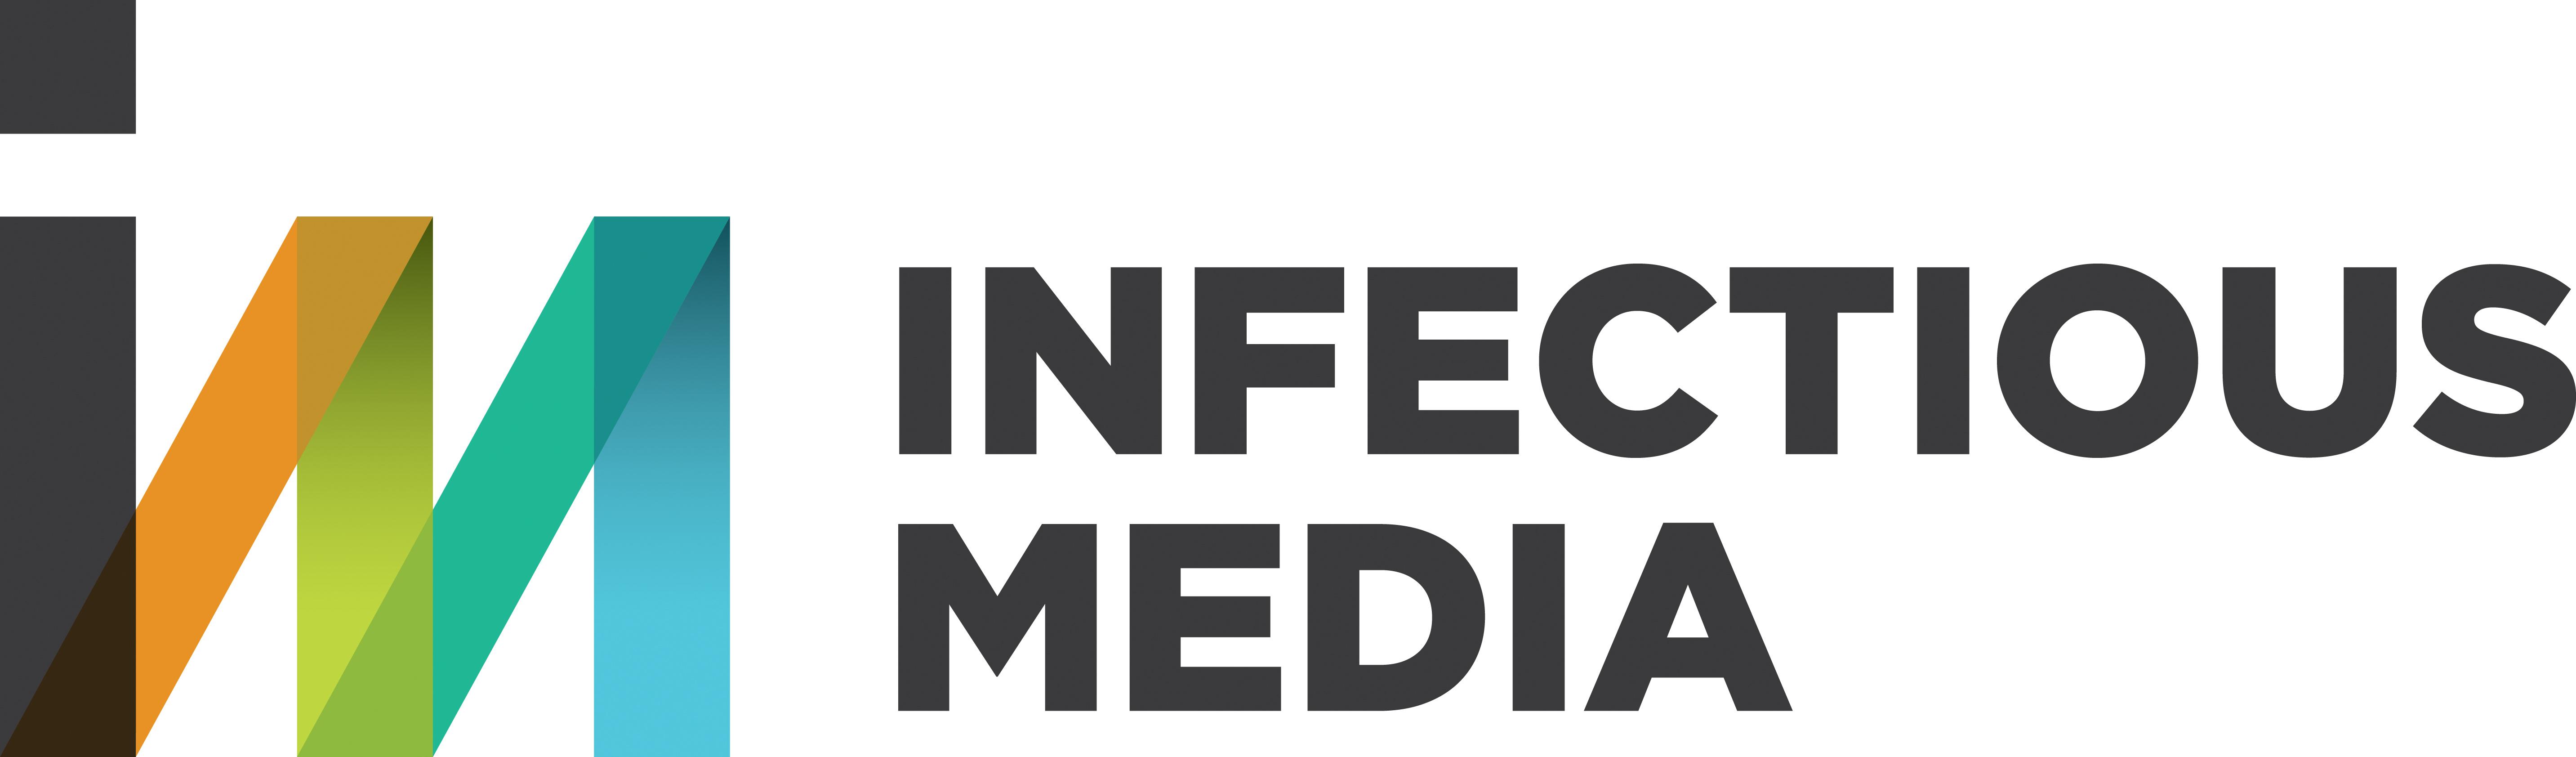 Infectious Mediia